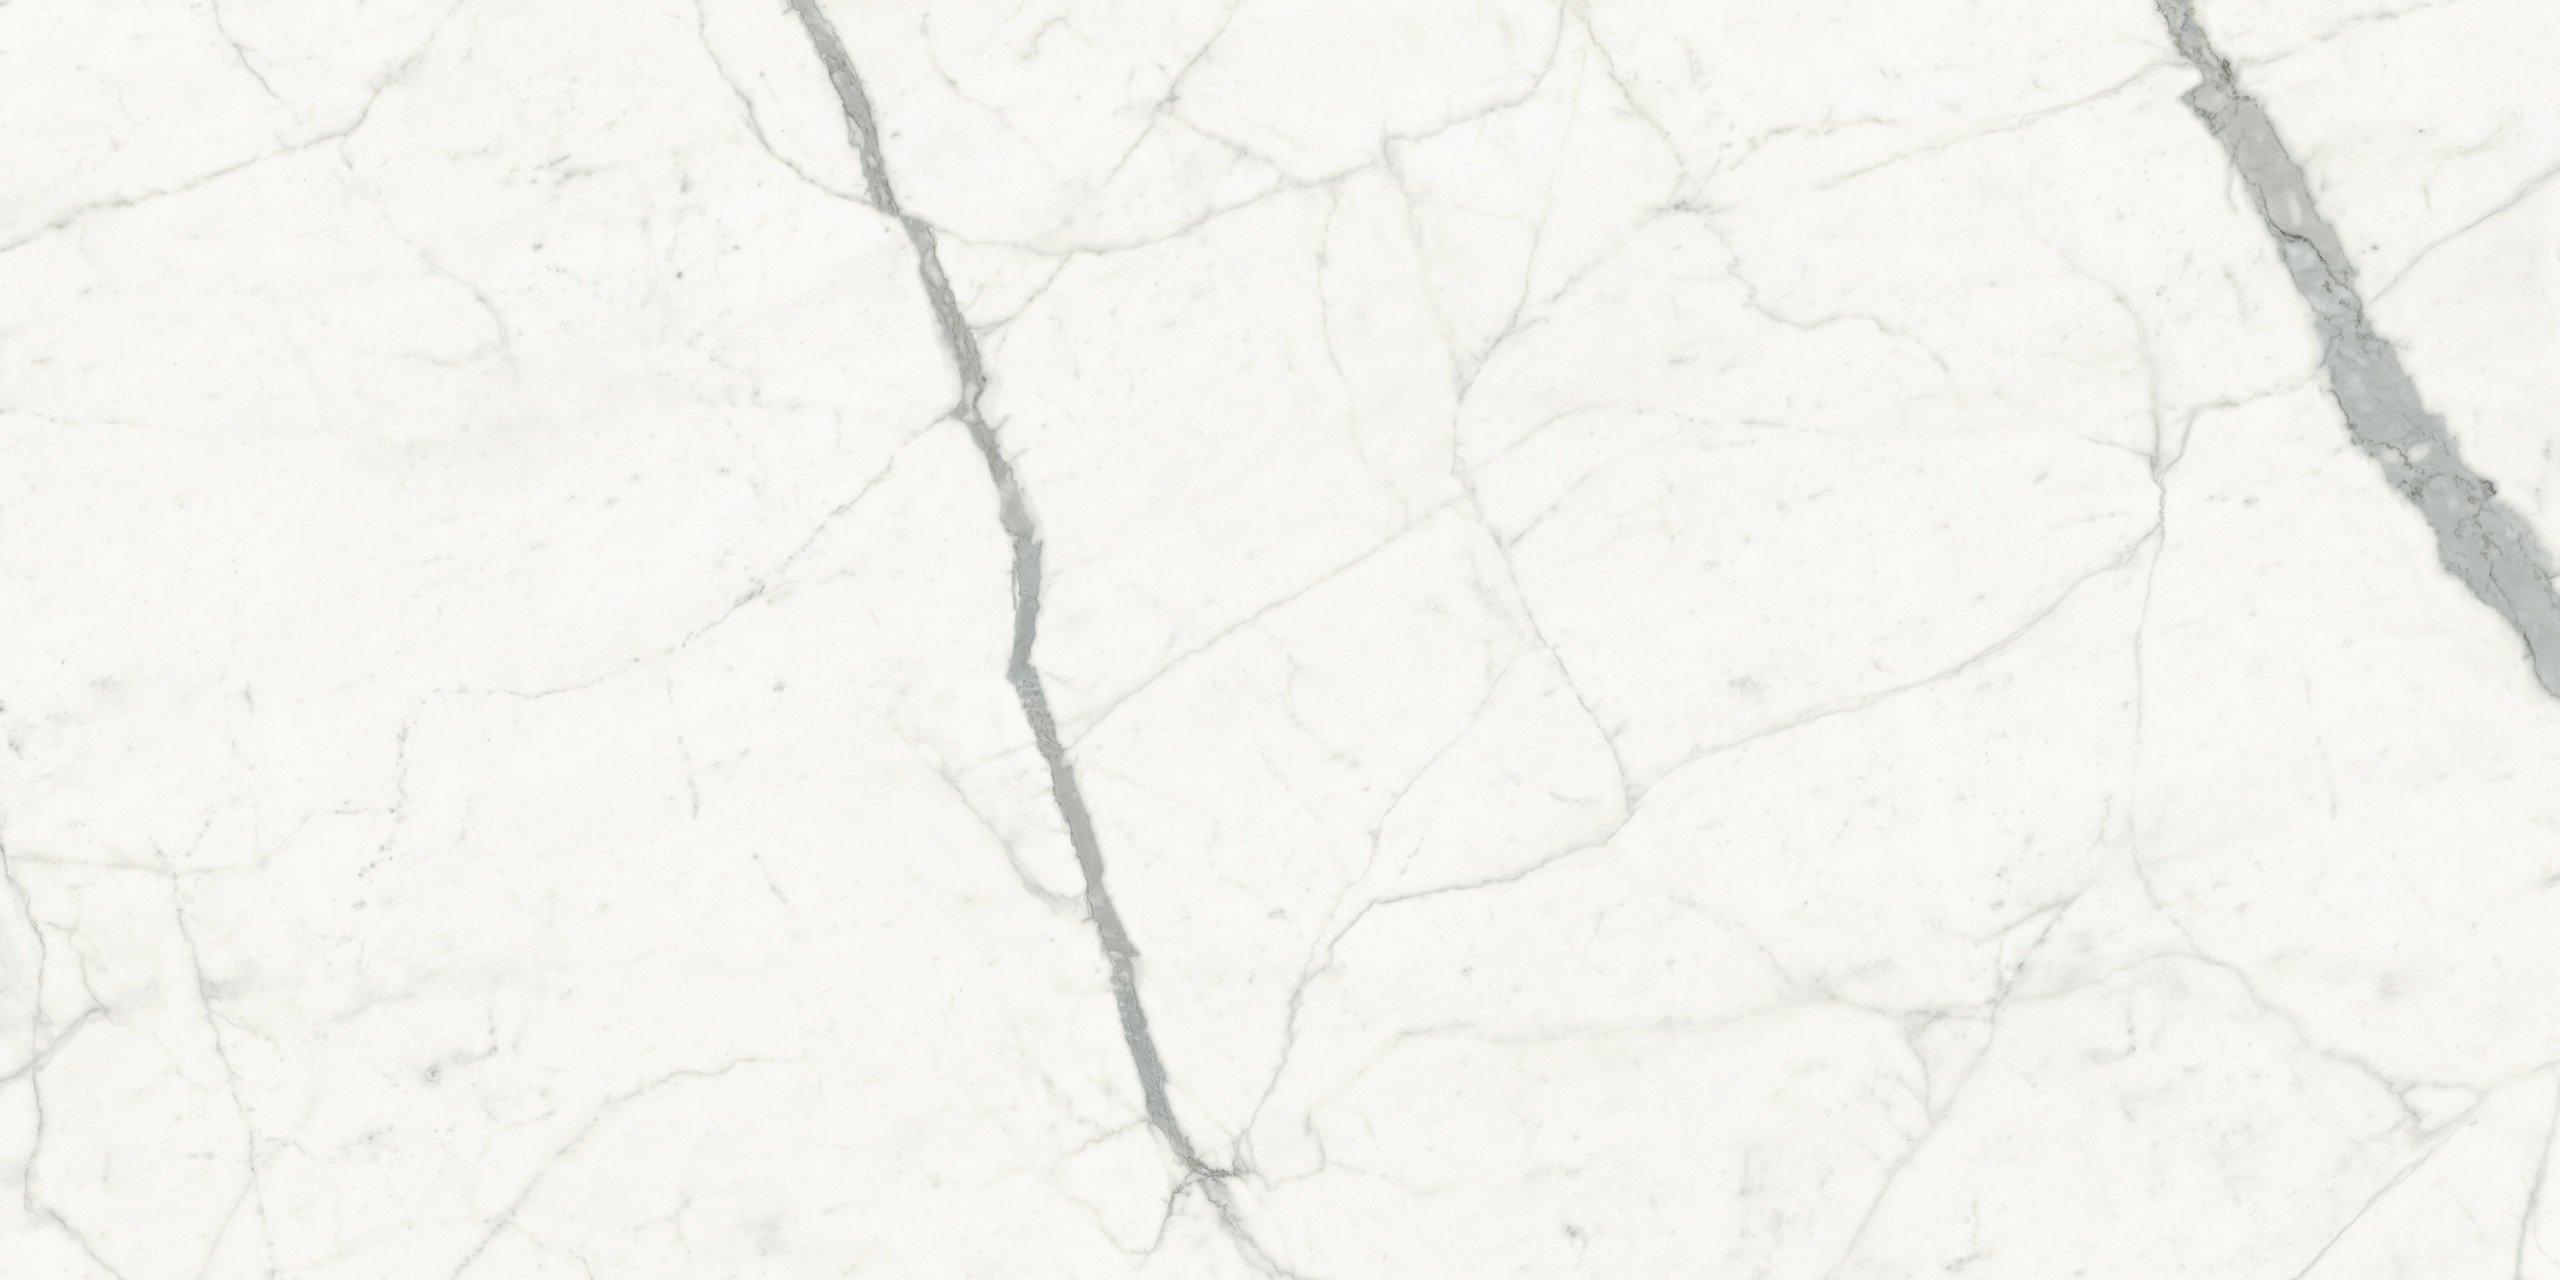 Silene Marmi Bianco Venato